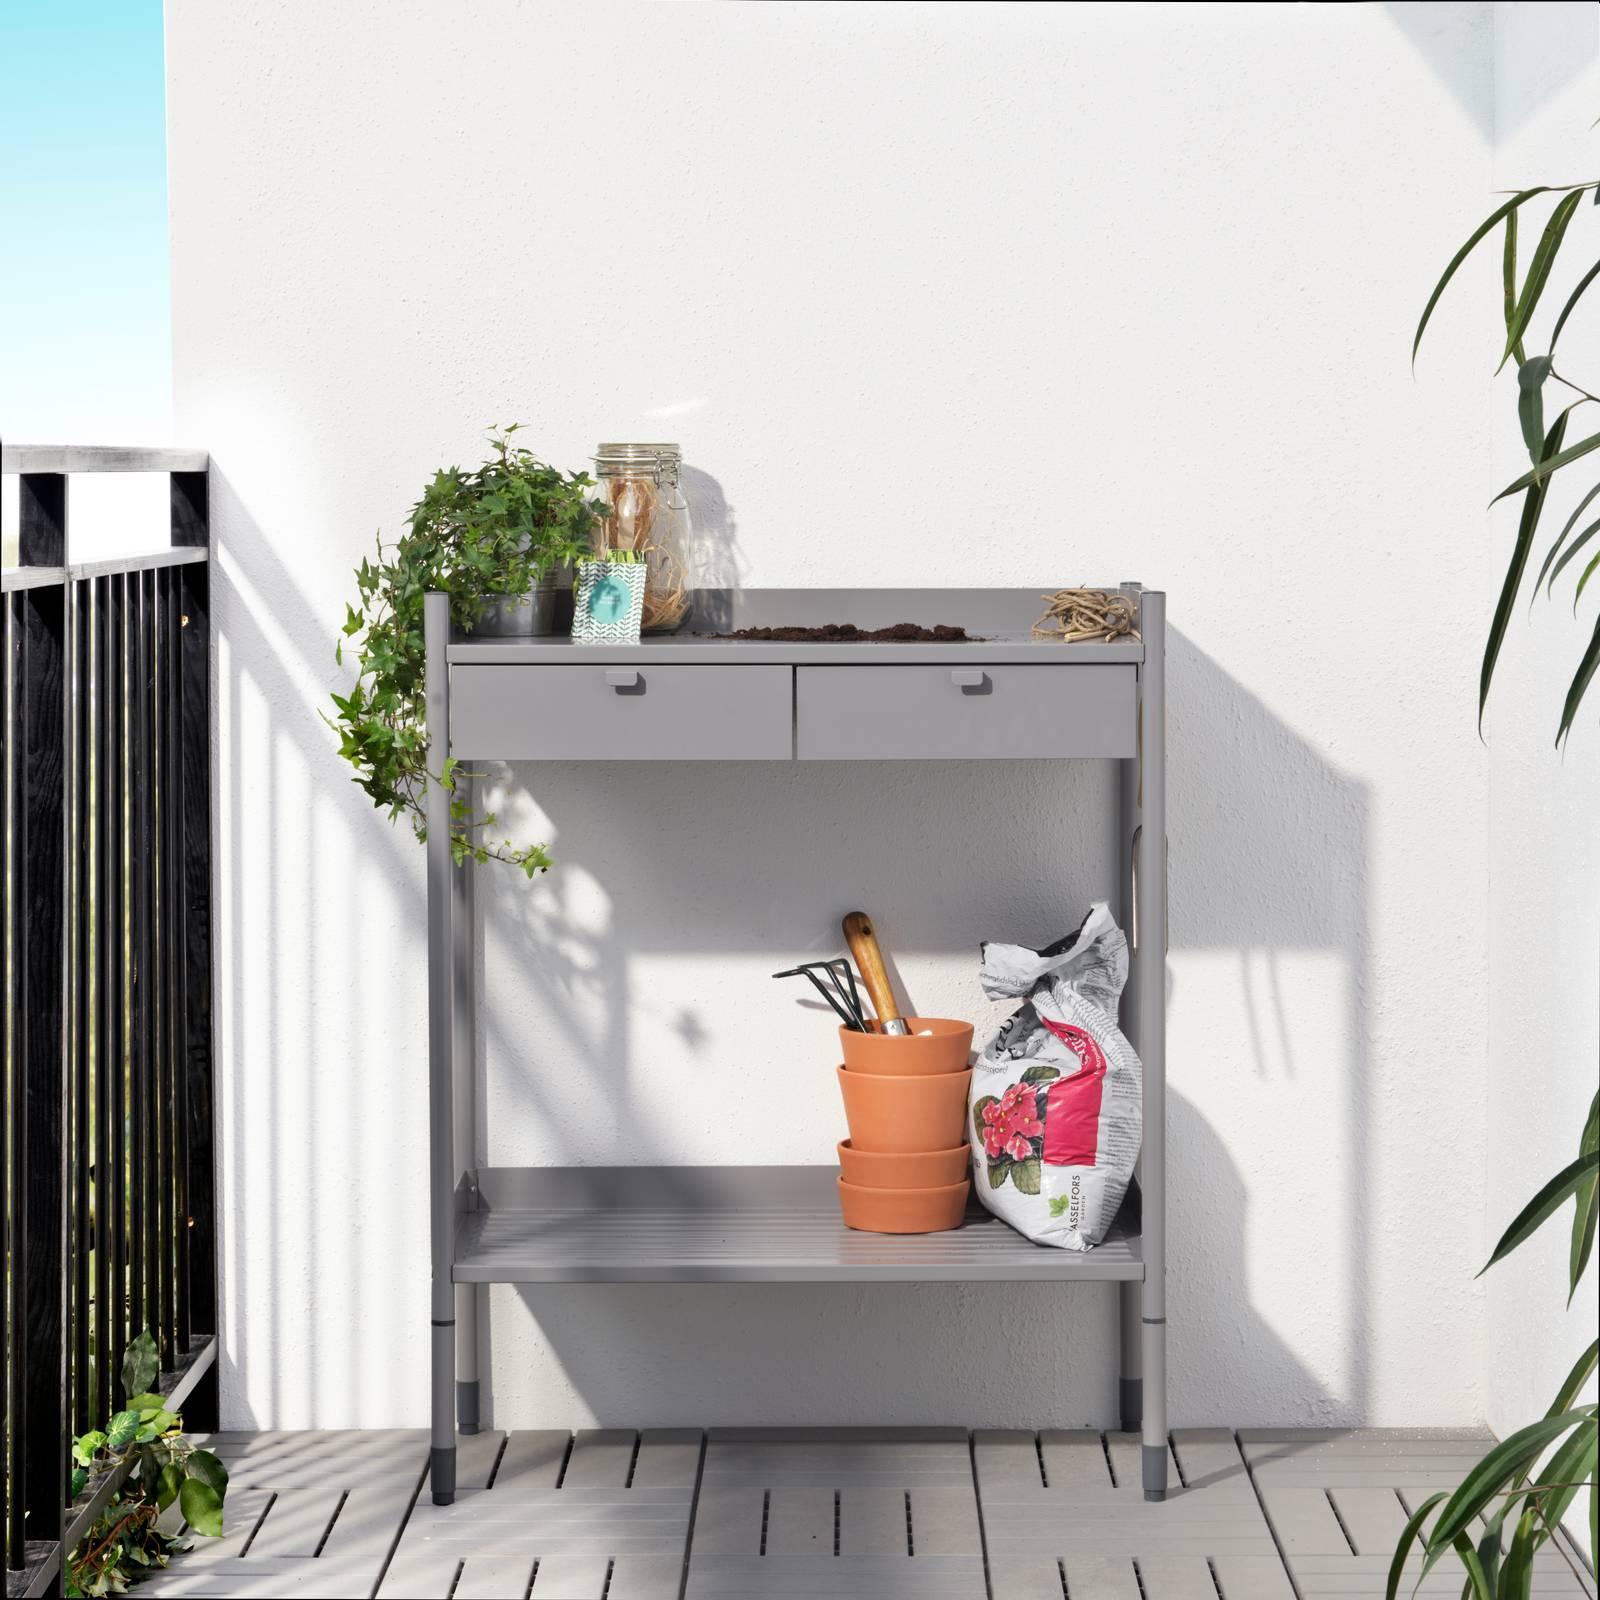 Armadio Metallico Esterno Ikea cassettiere per l'esterno: contenere all'aperto con stile